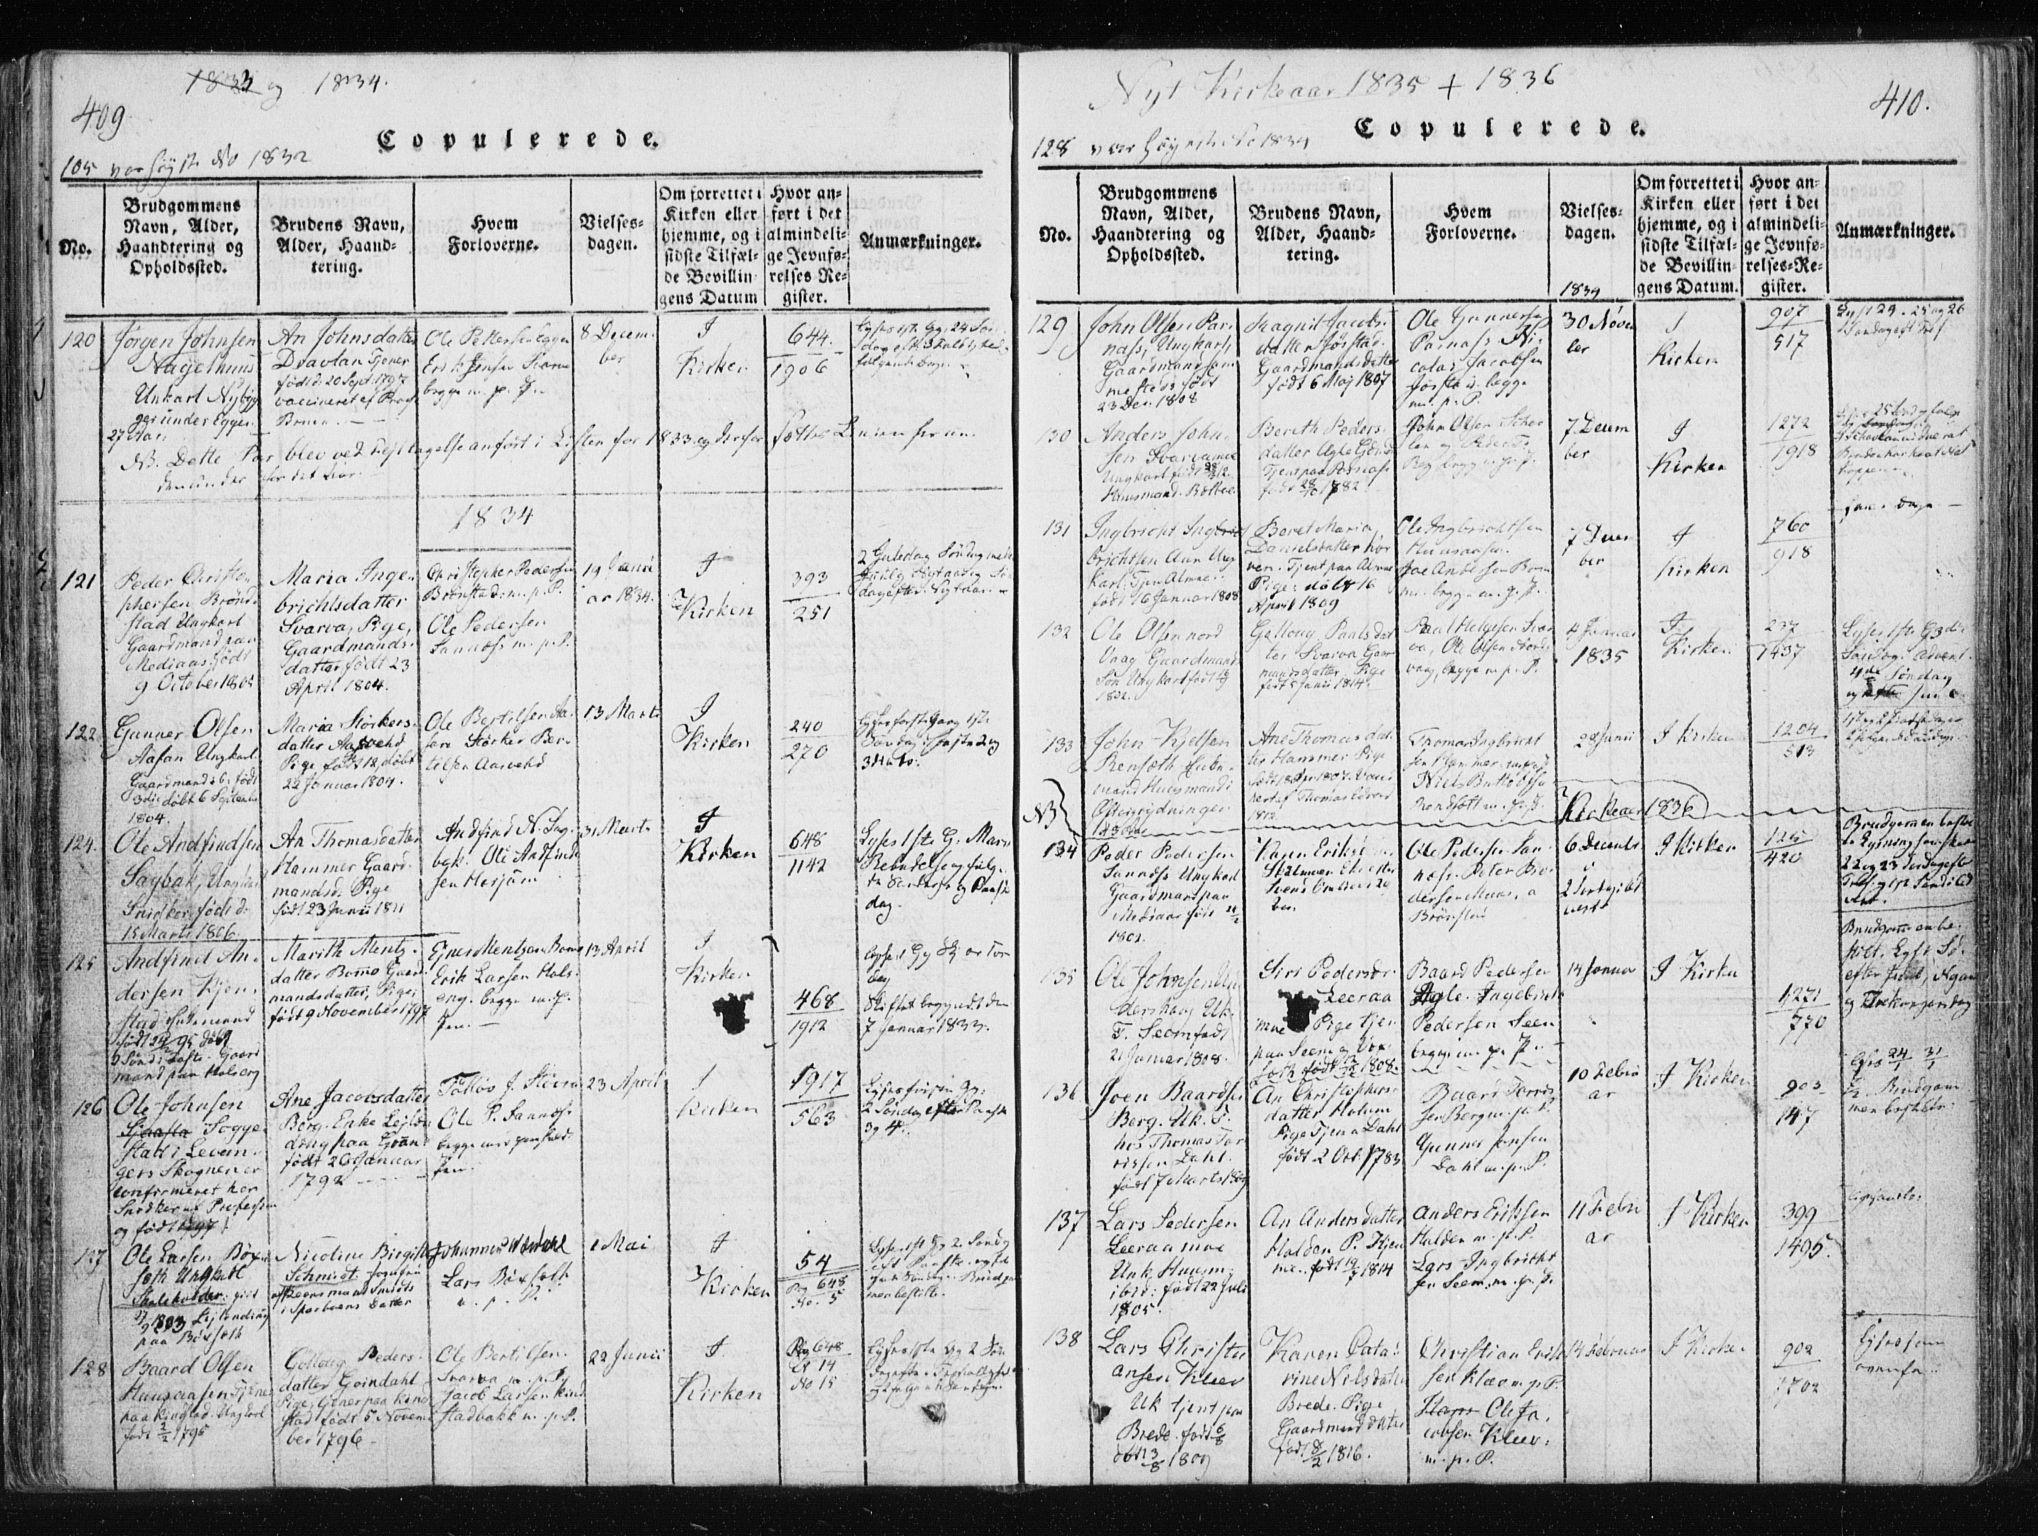 SAT, Ministerialprotokoller, klokkerbøker og fødselsregistre - Nord-Trøndelag, 749/L0469: Ministerialbok nr. 749A03, 1817-1857, s. 409-410